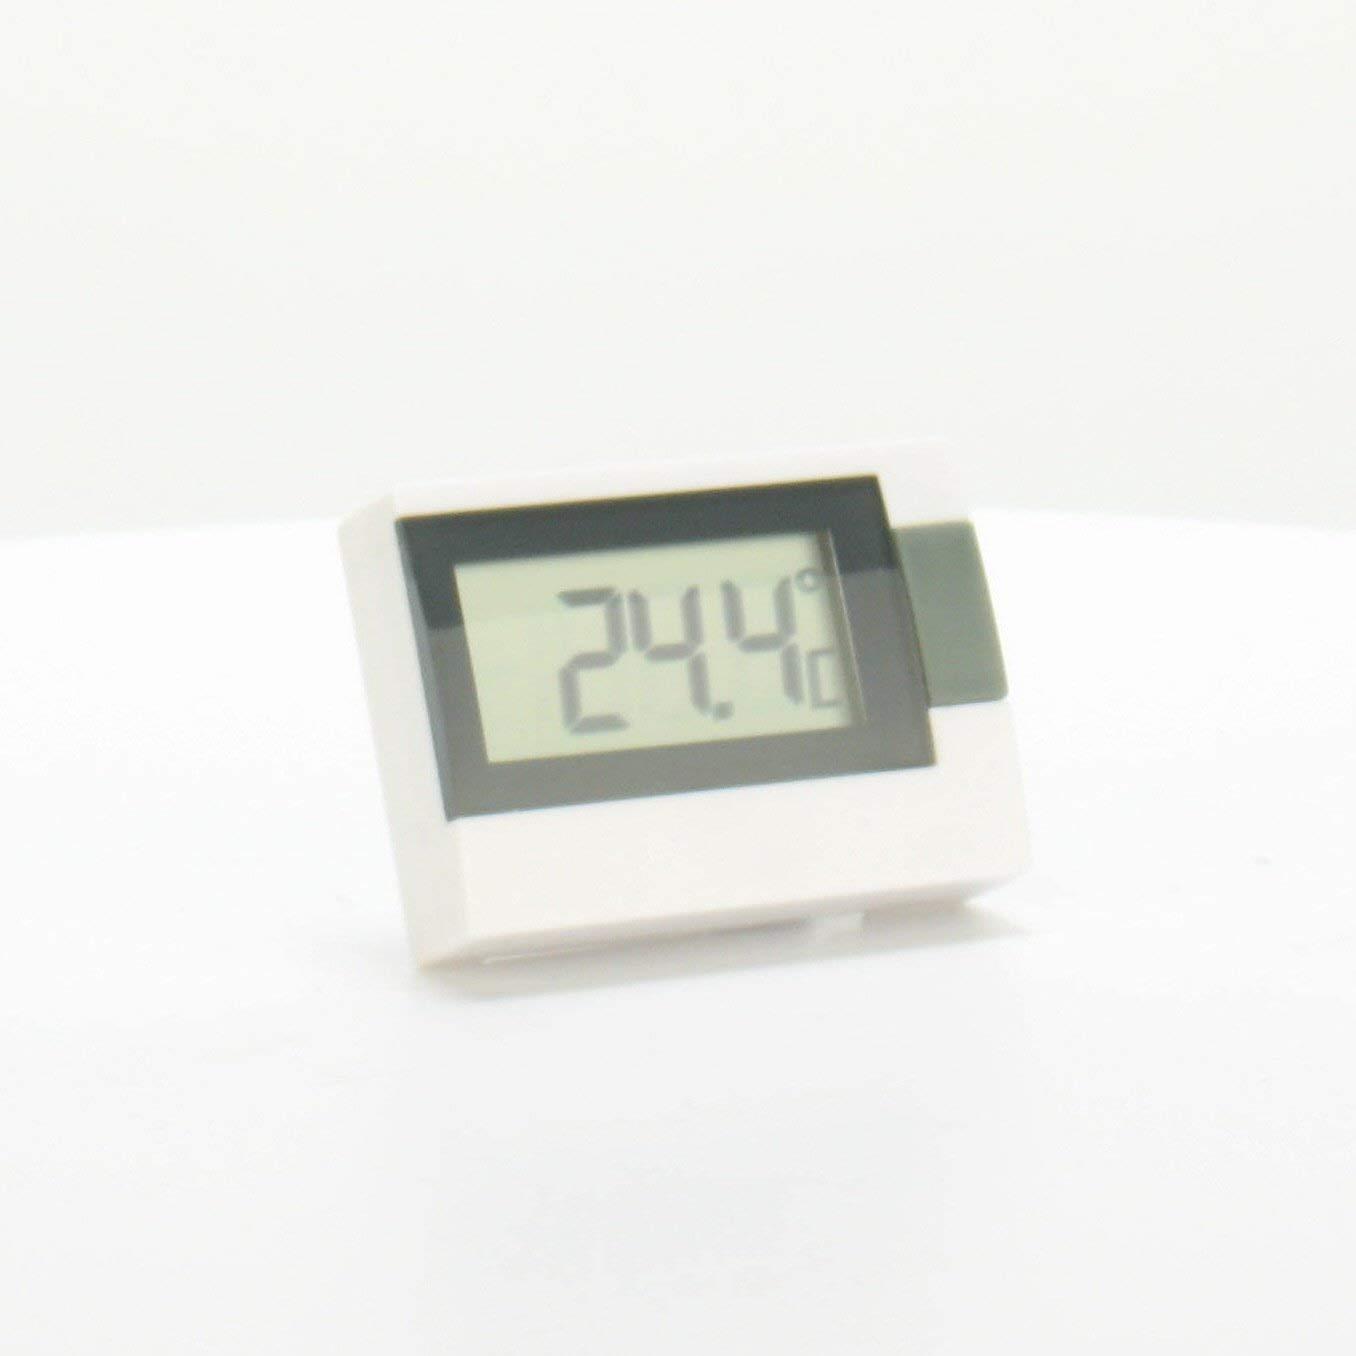 TechnoLine WS 7002 Estación de Temperatura, Blanco y Gris, 6.00x1 ...